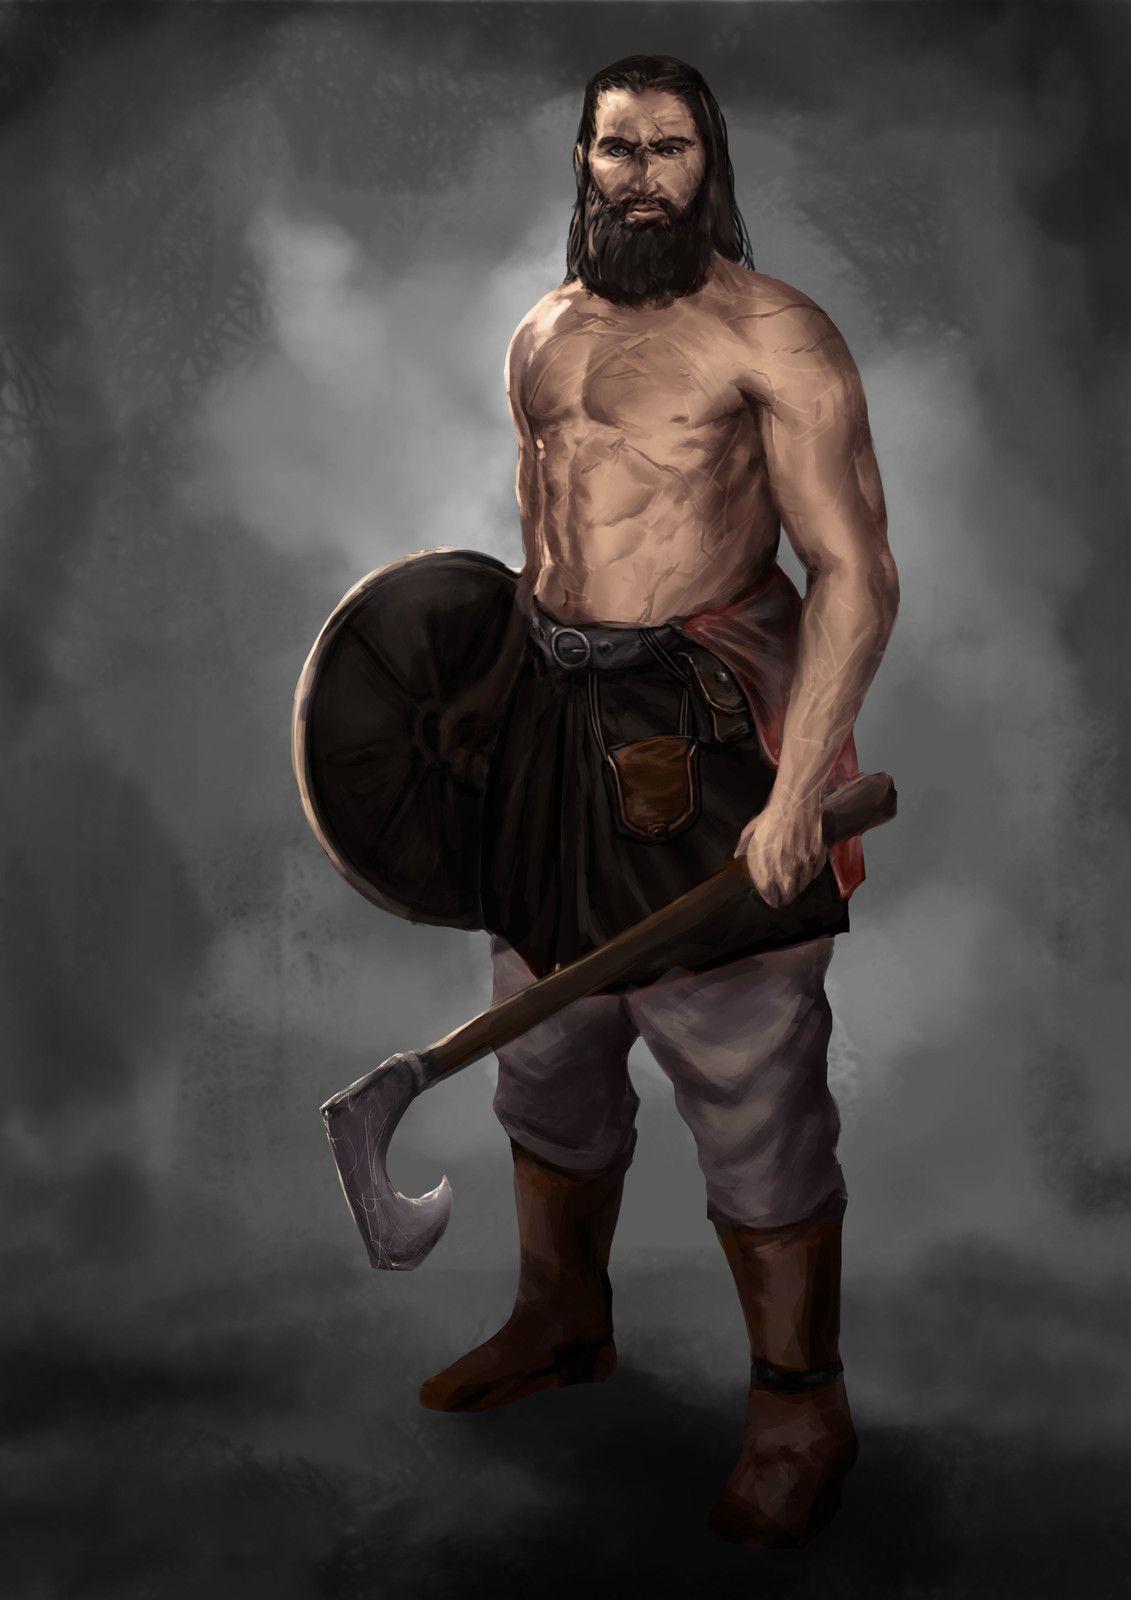 Goth Tribal Fighter., Jorge Henriquez on ArtStation at https://www.artstation.com/artwork/g9kGP